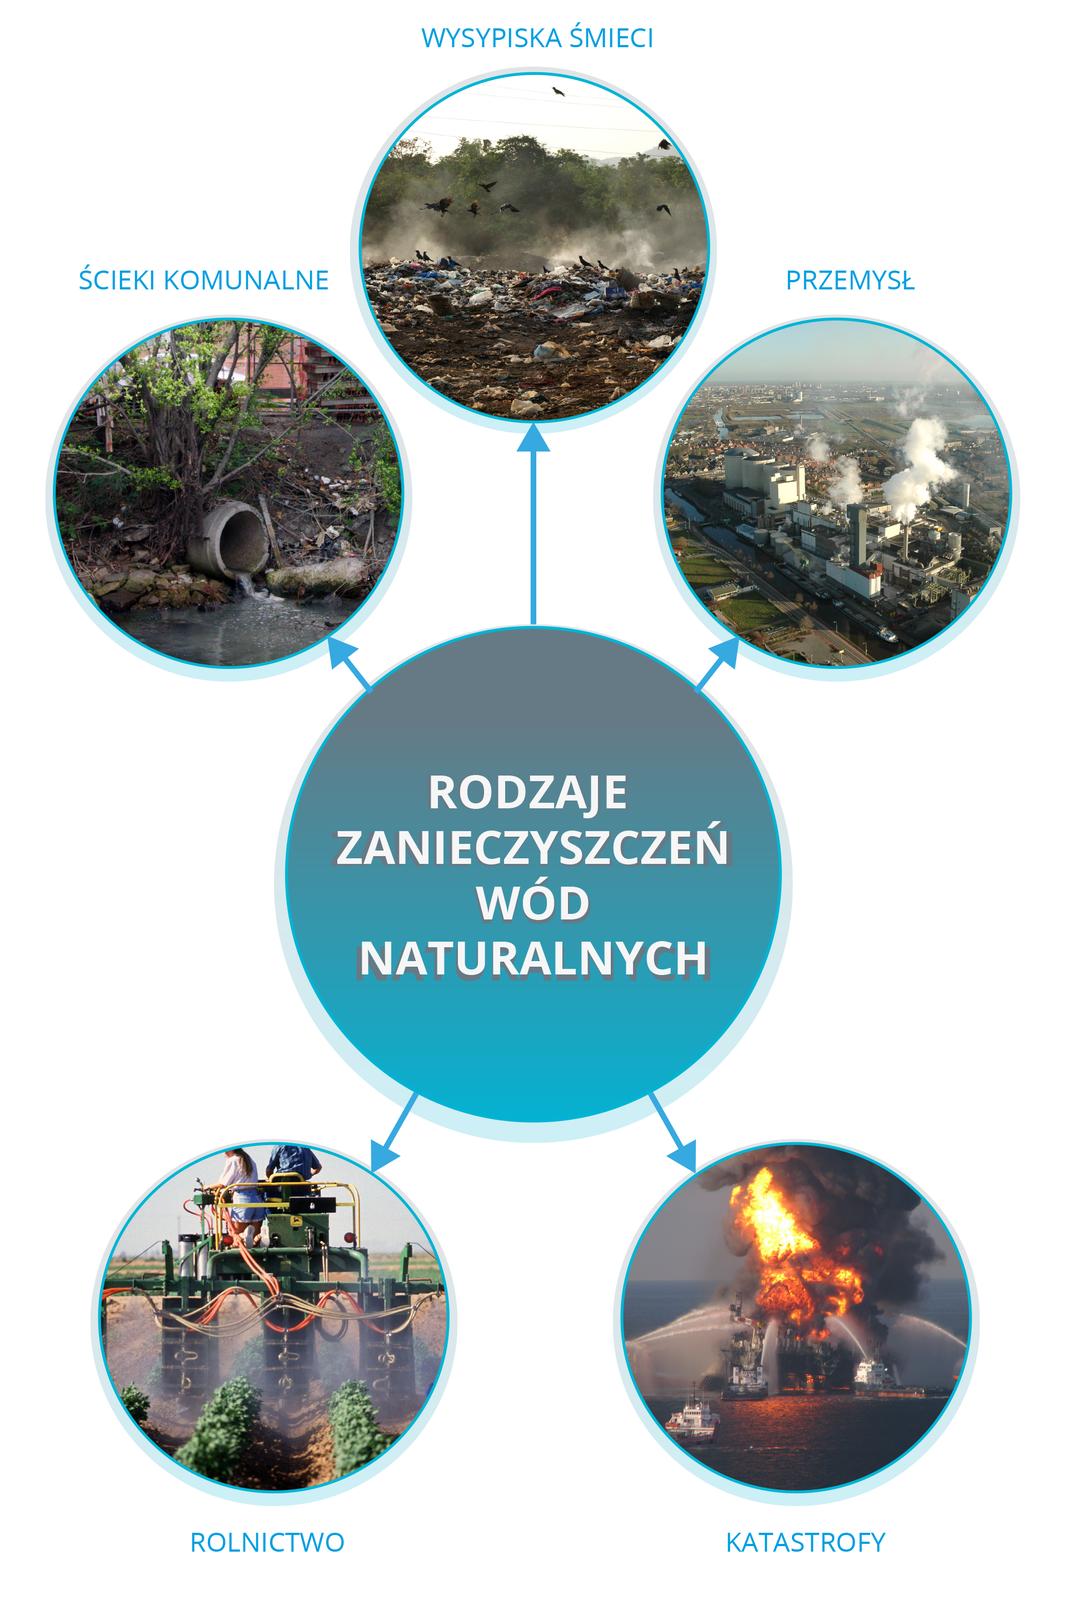 Ilustracja wformie infografiki przedstawia główne źródła zanieczyszczeń wód naturalnych. Wcentralnej części planszy znajduje się niebieskie koło zbiałym napisem Źródła zanieczyszczeń wód naturalnych od którego odchodzi pięć koncentrycznie rozmieszczonych strzałek prowadzących do pięciu kół za zdjęciami ipodpisem. Licząc od góry wkierunku ruchu wskazówek zegara są to: wysypiska śmieci, przemysł, katastrofy, rolnictwo iścieki komunalne.